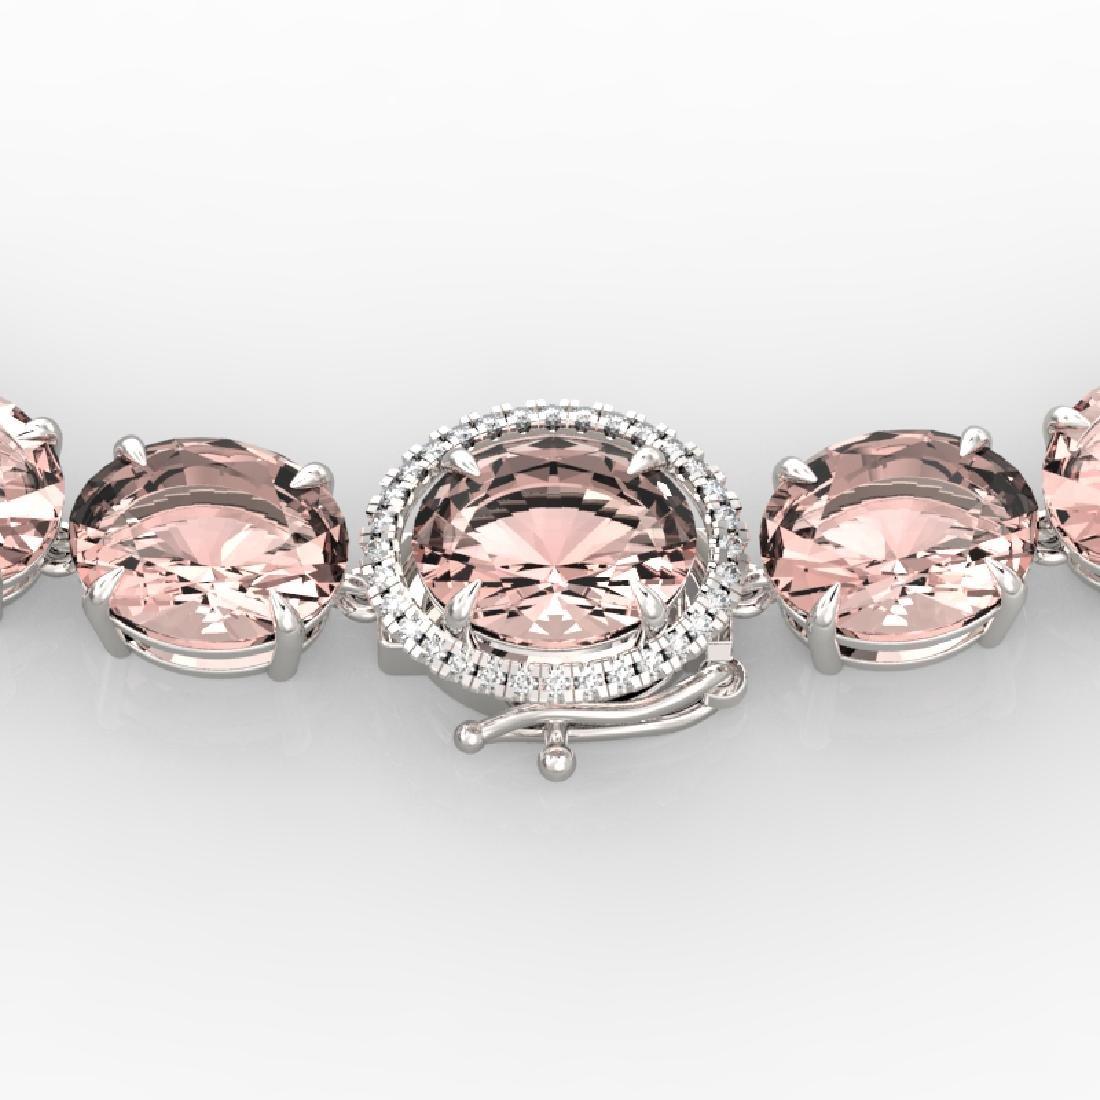 148 CTW Morganite & VS/SI Diamond Solitaire Necklace